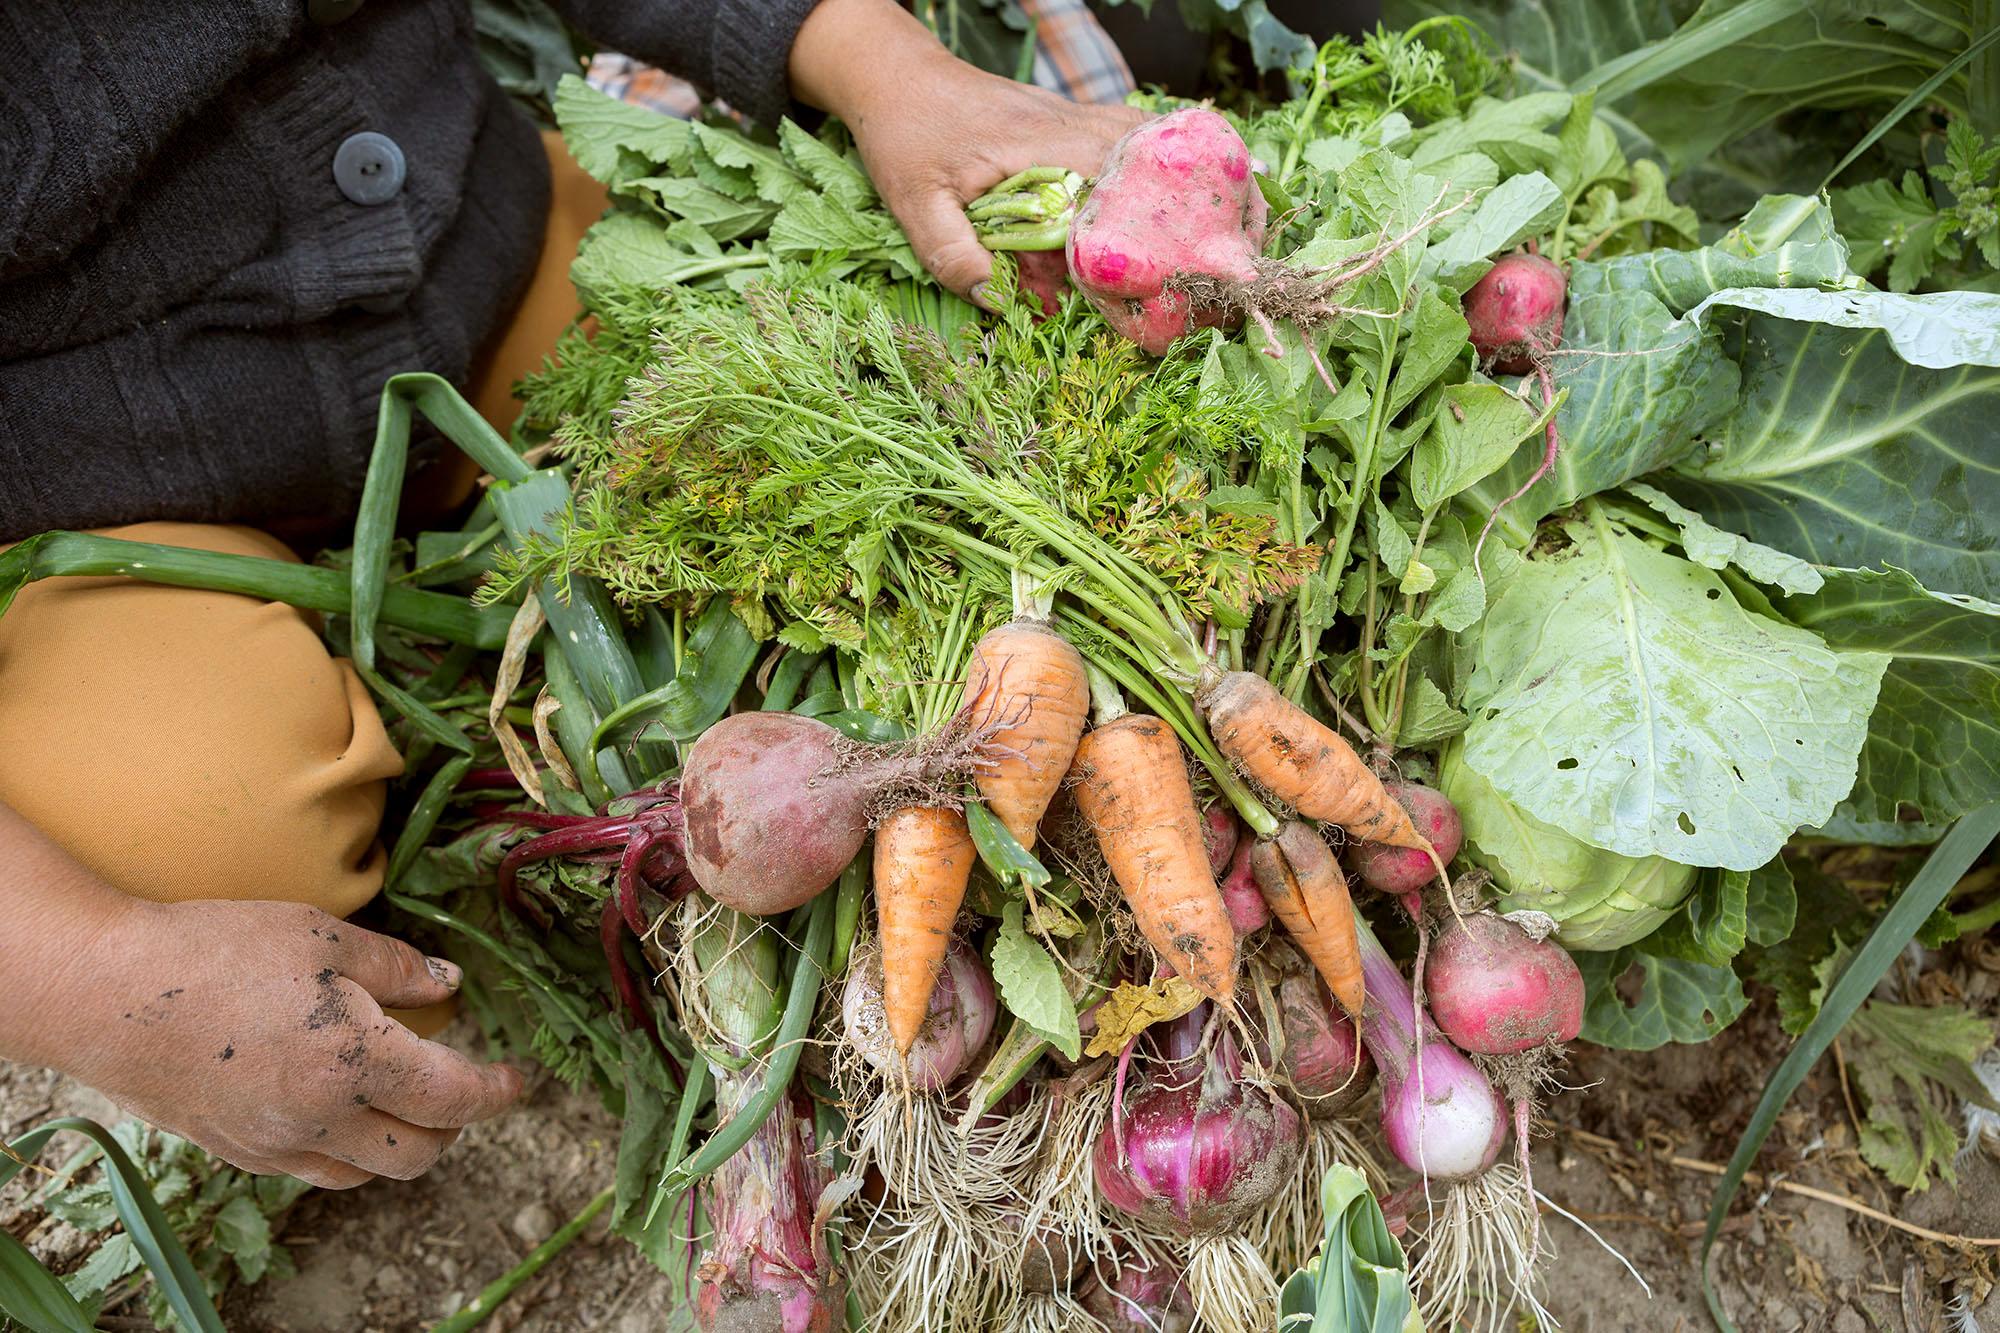 Vegetable harvest in San Antonio de Pichincha, Ecuador.